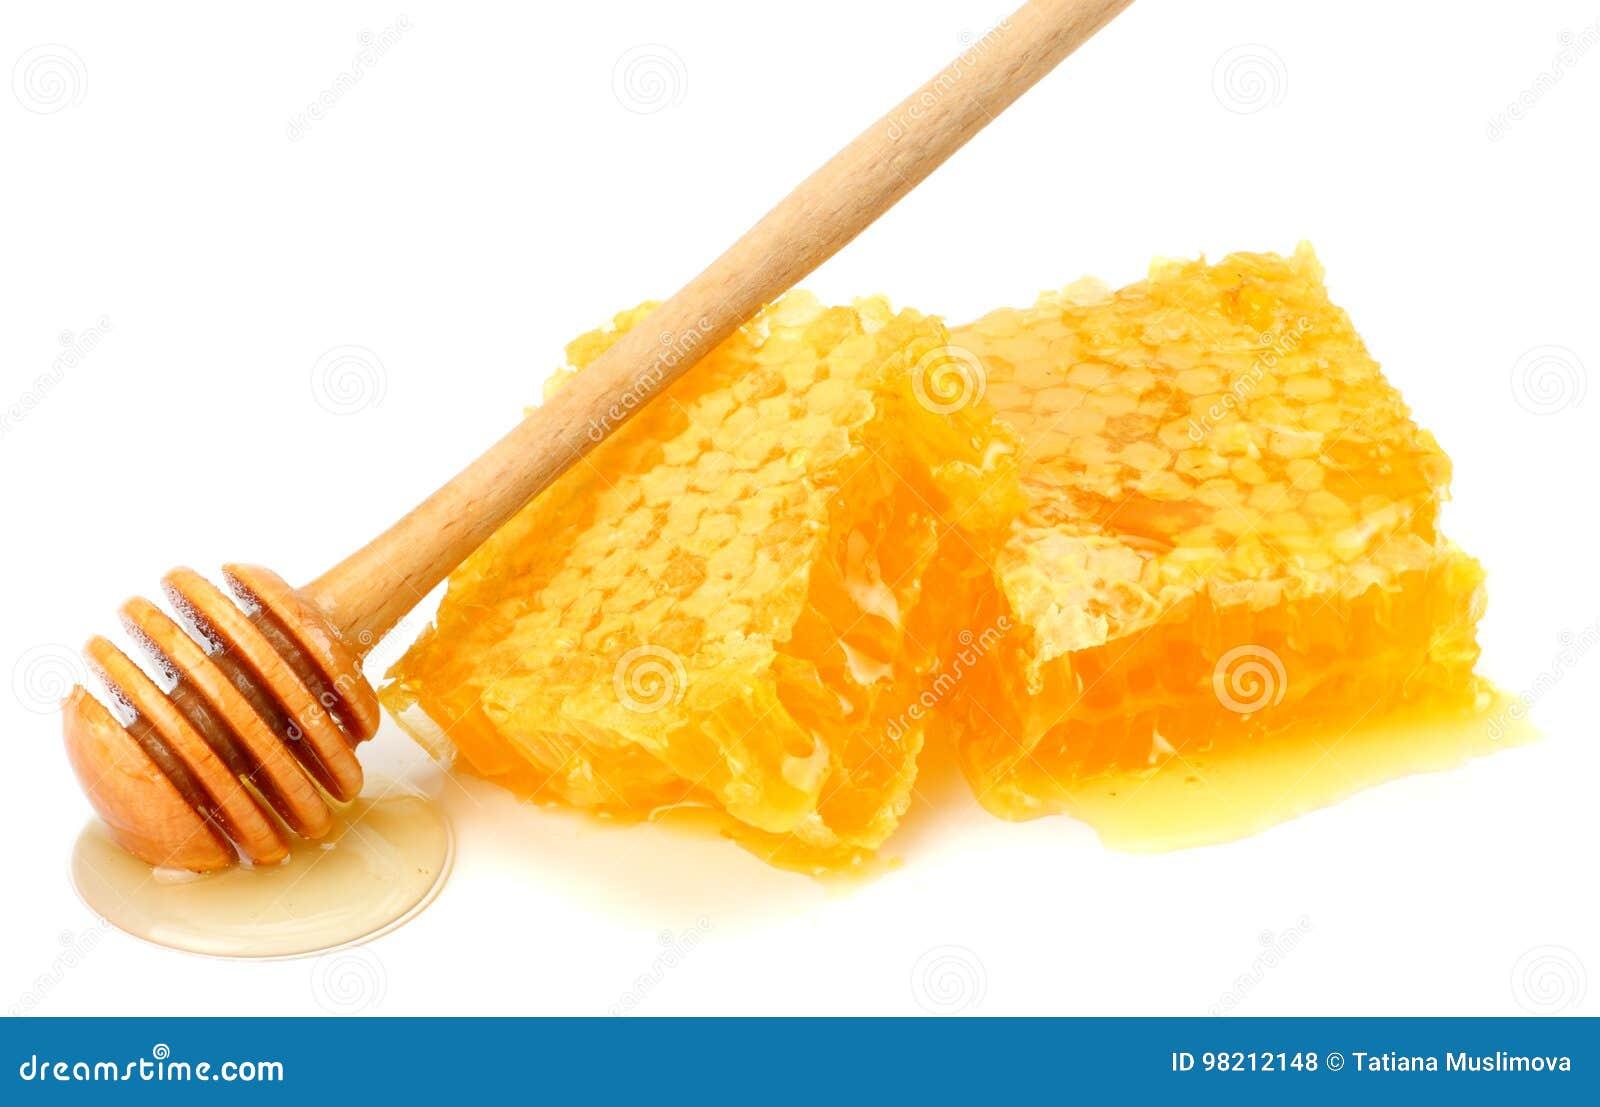 Favo de mel com dipper do mel e mel isolado no fundo branco